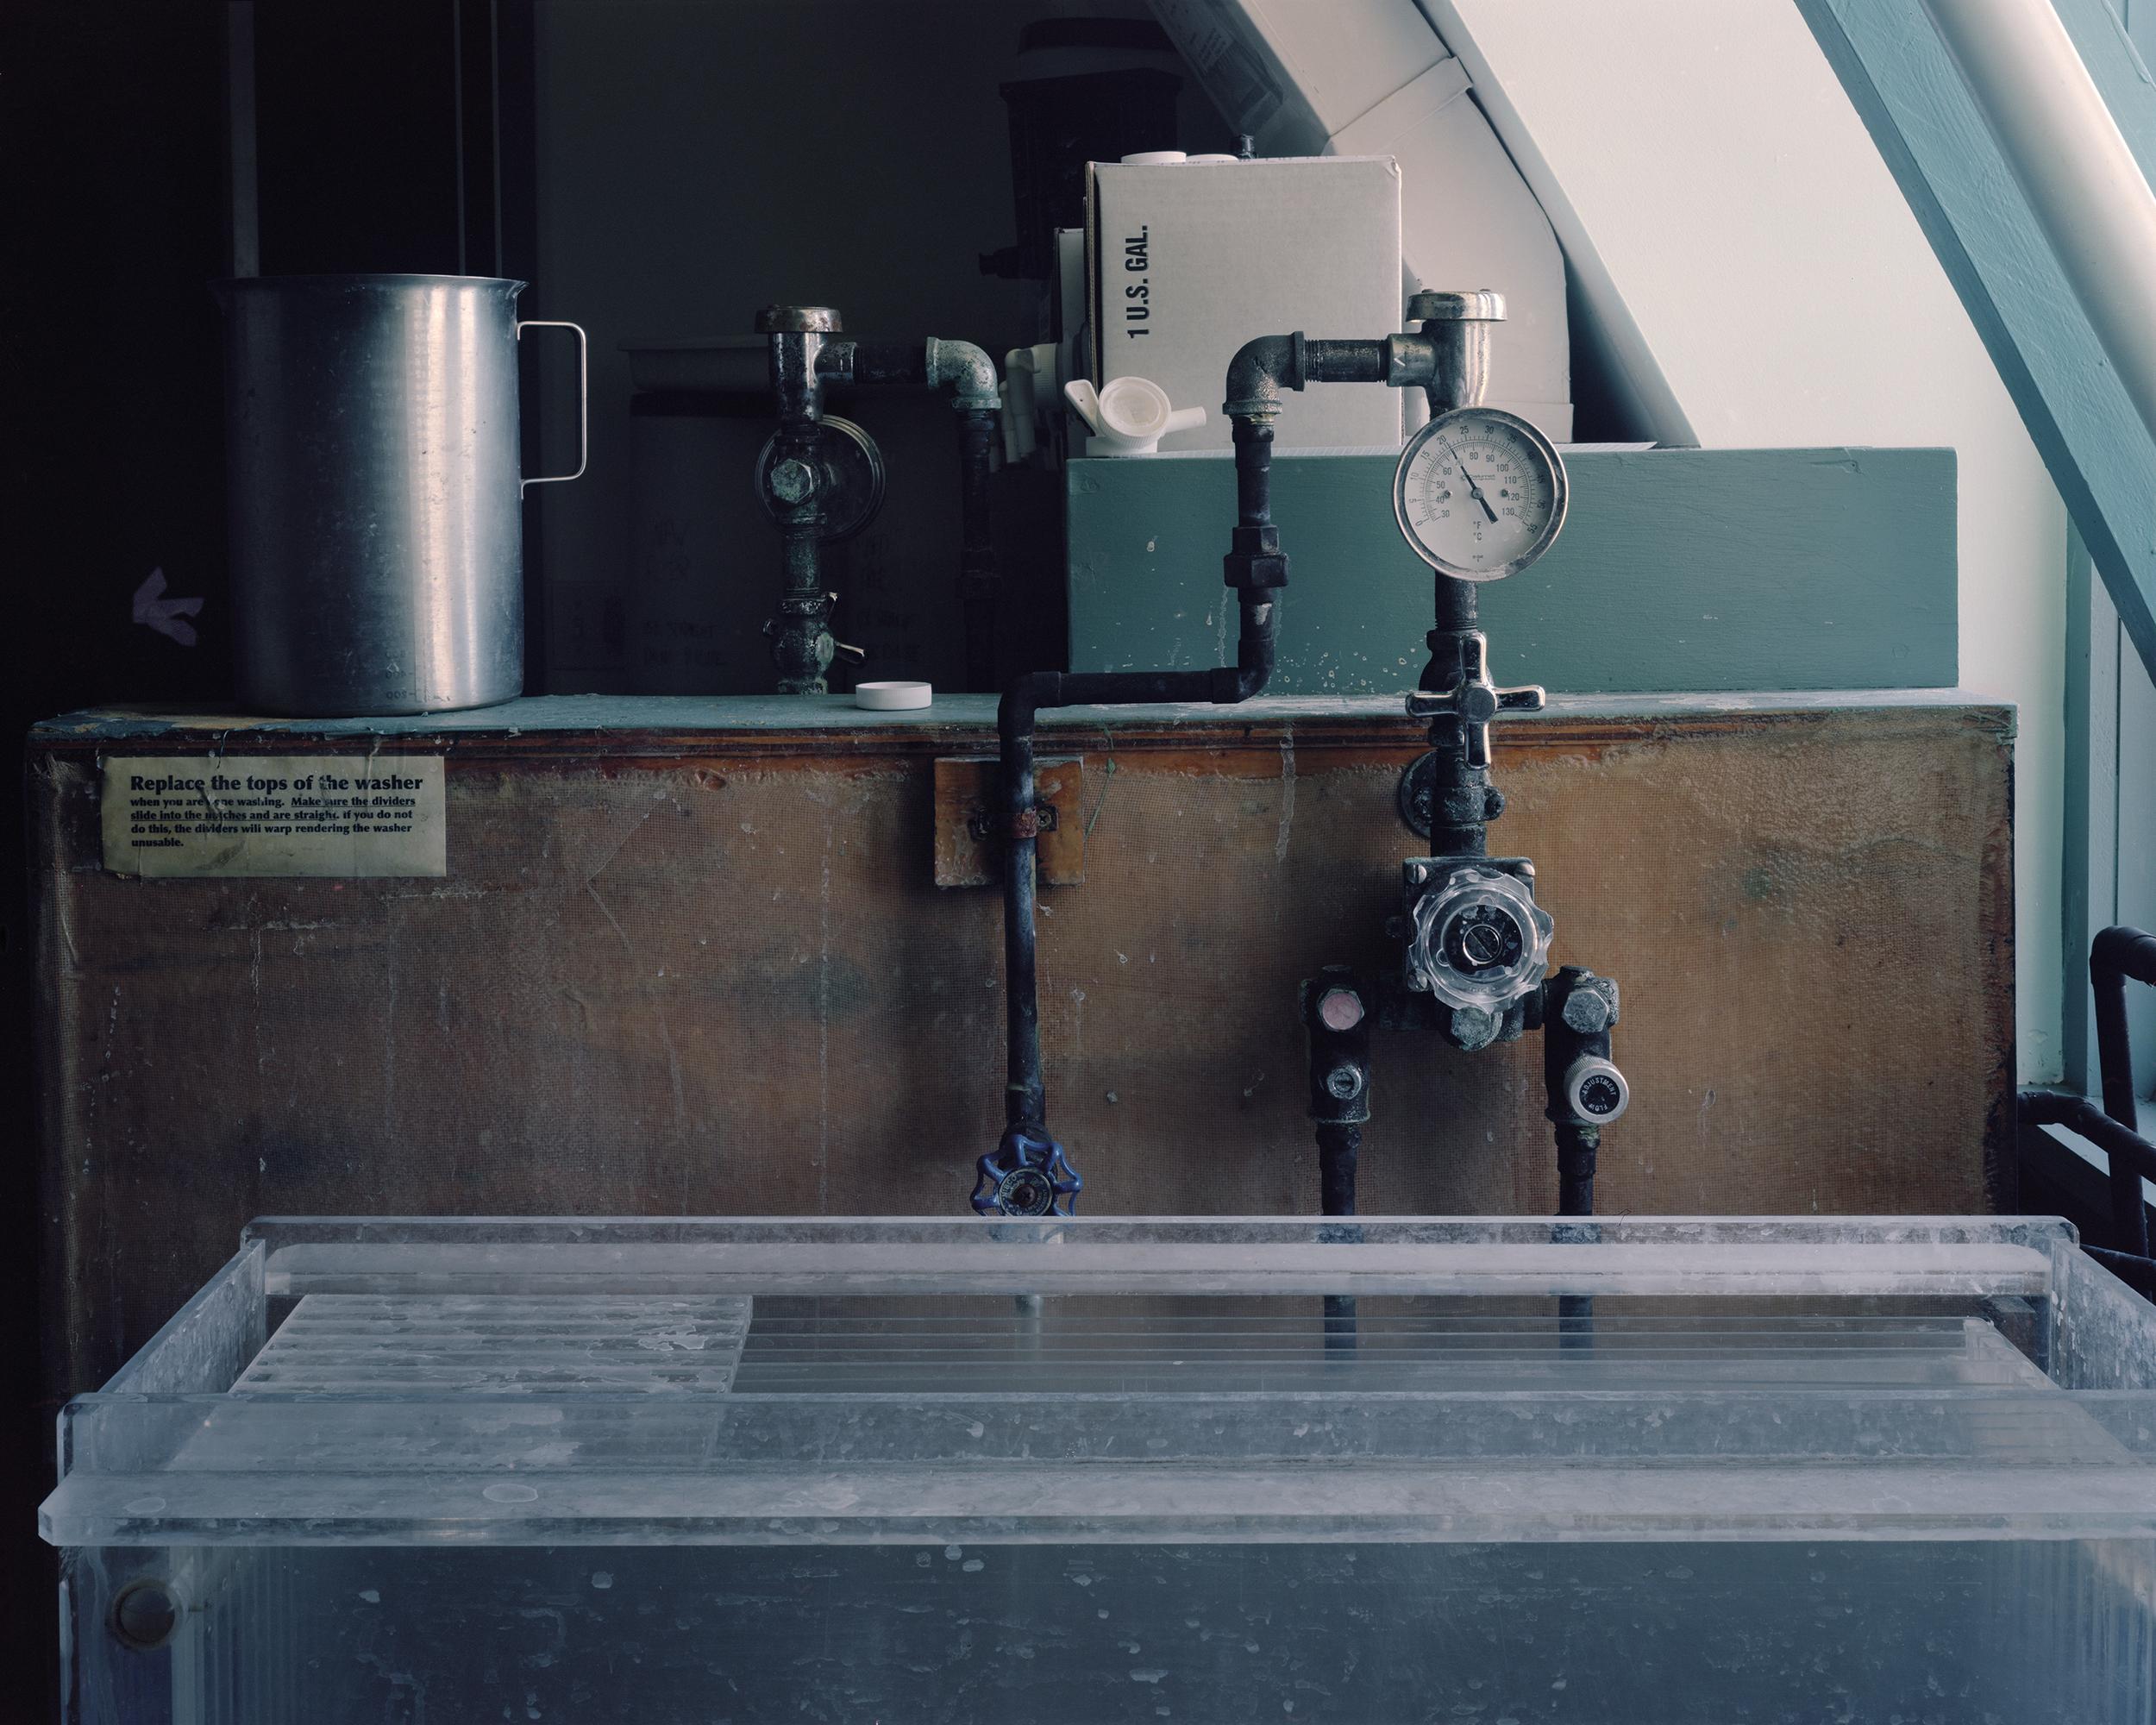 darkroom washer copy.jpg